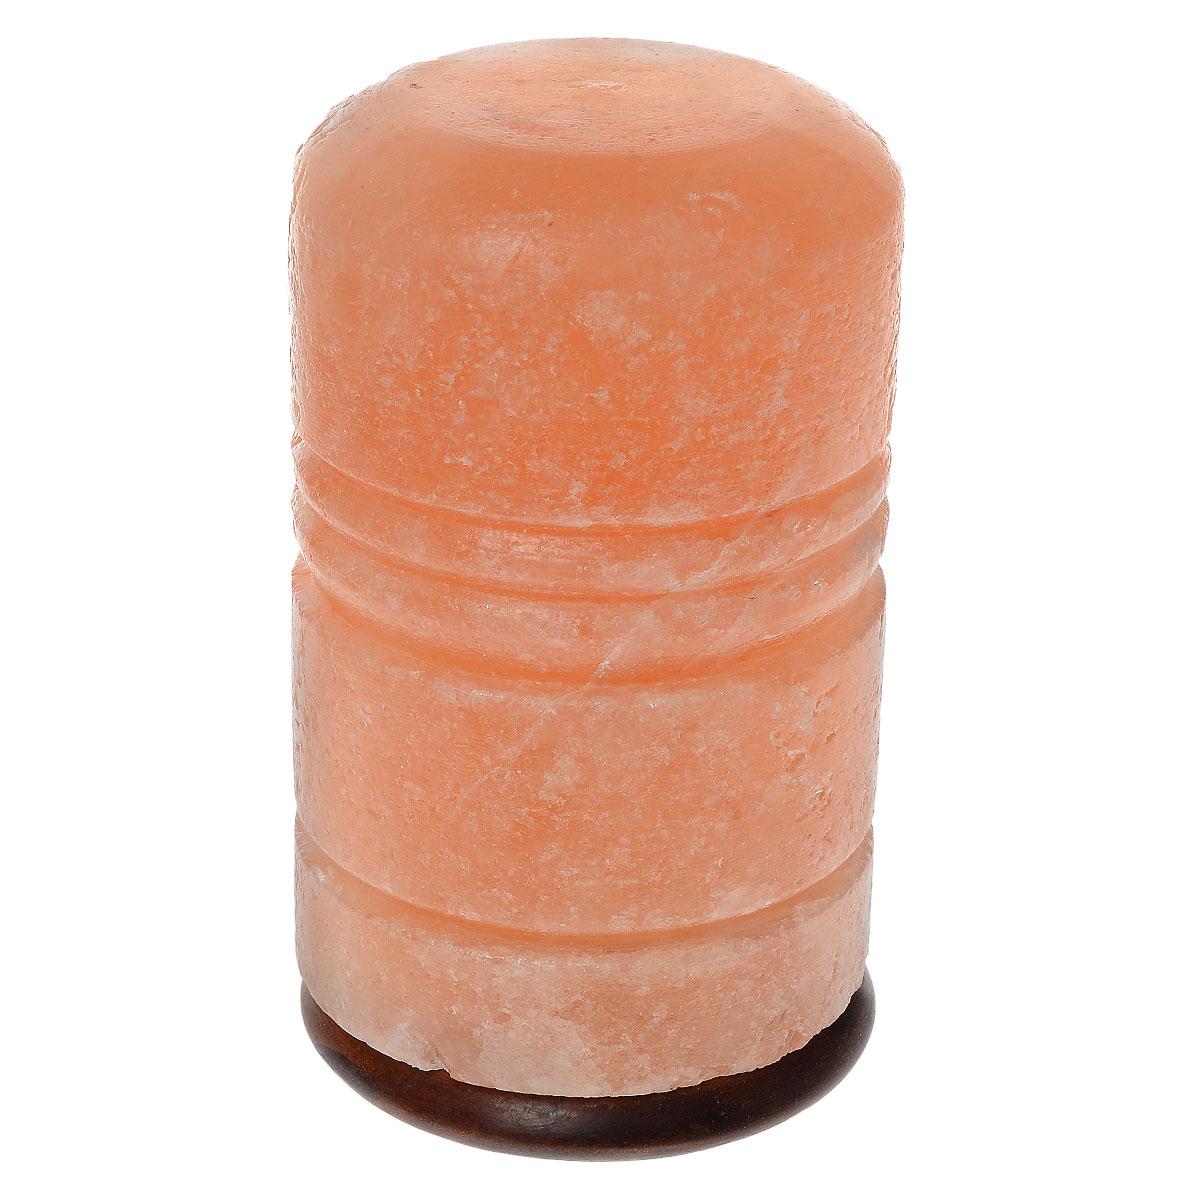 Солевая лампа Zenet Римский столб, 3-5 кг2400Солевая лампа Zenet - это уникальный прибор, который станет изюминкой вашего интерьера, благотворно повлияет на организм и очистит воздух в помещении. Материал плафона лампы - натуральная каменная соль из Пакистана (самая древняя на планете). Внутри расположена обычная электрическая лампа мощностью 15 ватт. Будучи включенной, лампочка нагревает окружающий ее кристалл, благодаря чему в помещении ощутимо увеличивается количество отрицательных ионов, благотворно влияющих на самочувствие и здоровье человека. Таким образом, солевая лампа является естественным ионизатором воздуха. При этом благородный красноватый оттенок кристалла создает очень теплое, загадочное свечение. Благодаря особенностям строения кристаллической решетки соль нейтрализует вредное влияние электромагнитного излучения, производимого работой бытовой и промышленной техники. Солевая лампа благотворно влияет на здоровье, укрепляет иммунитет и повышает жизненный тонус, гармонизирует психику. Кристаллическая соль значительно помогает в лечении многих болезней. Биоэнерготерапевты и литотерапевты рекомендуют оздоравливающее влияние кристаллов соли, чтобы поддержать лечение аллергии, системных респираторных и кровяных болезней. Они часто используются при лечении ревматизма. Лечебные особенности соли были доказаны тем, что рабочие в соляных шахтах очень редко страдают системными заболеваниями воздушных дыхательных путей. Изделие работает от сети 220 В. Переключатель расположен на шнуре. Напряжение: 220 В. Максимальная мощность: 15 Вт. Тип патрона: Е14.Высота лампы: 21 см. Диаметр подставки: 12 см. Высота подставки: 2 см. Длина шнура: 190 см. Вес: 3-5 кг.